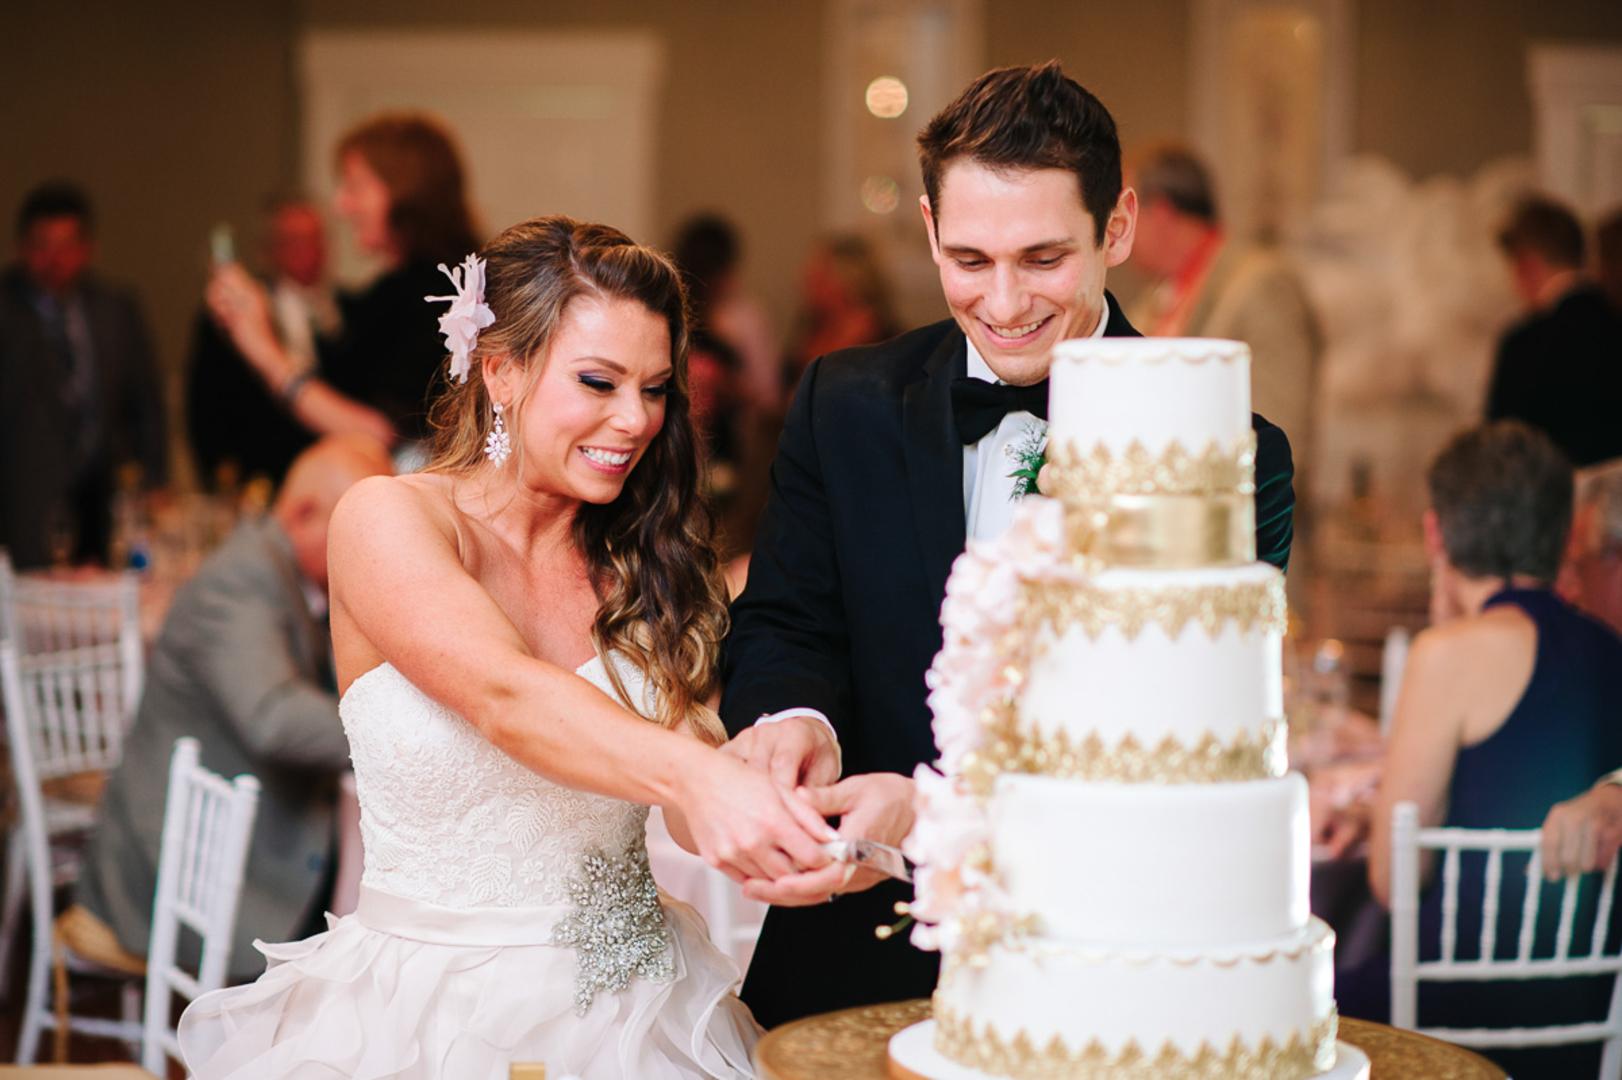 wedgefield-plantation-wedding-12.jpg